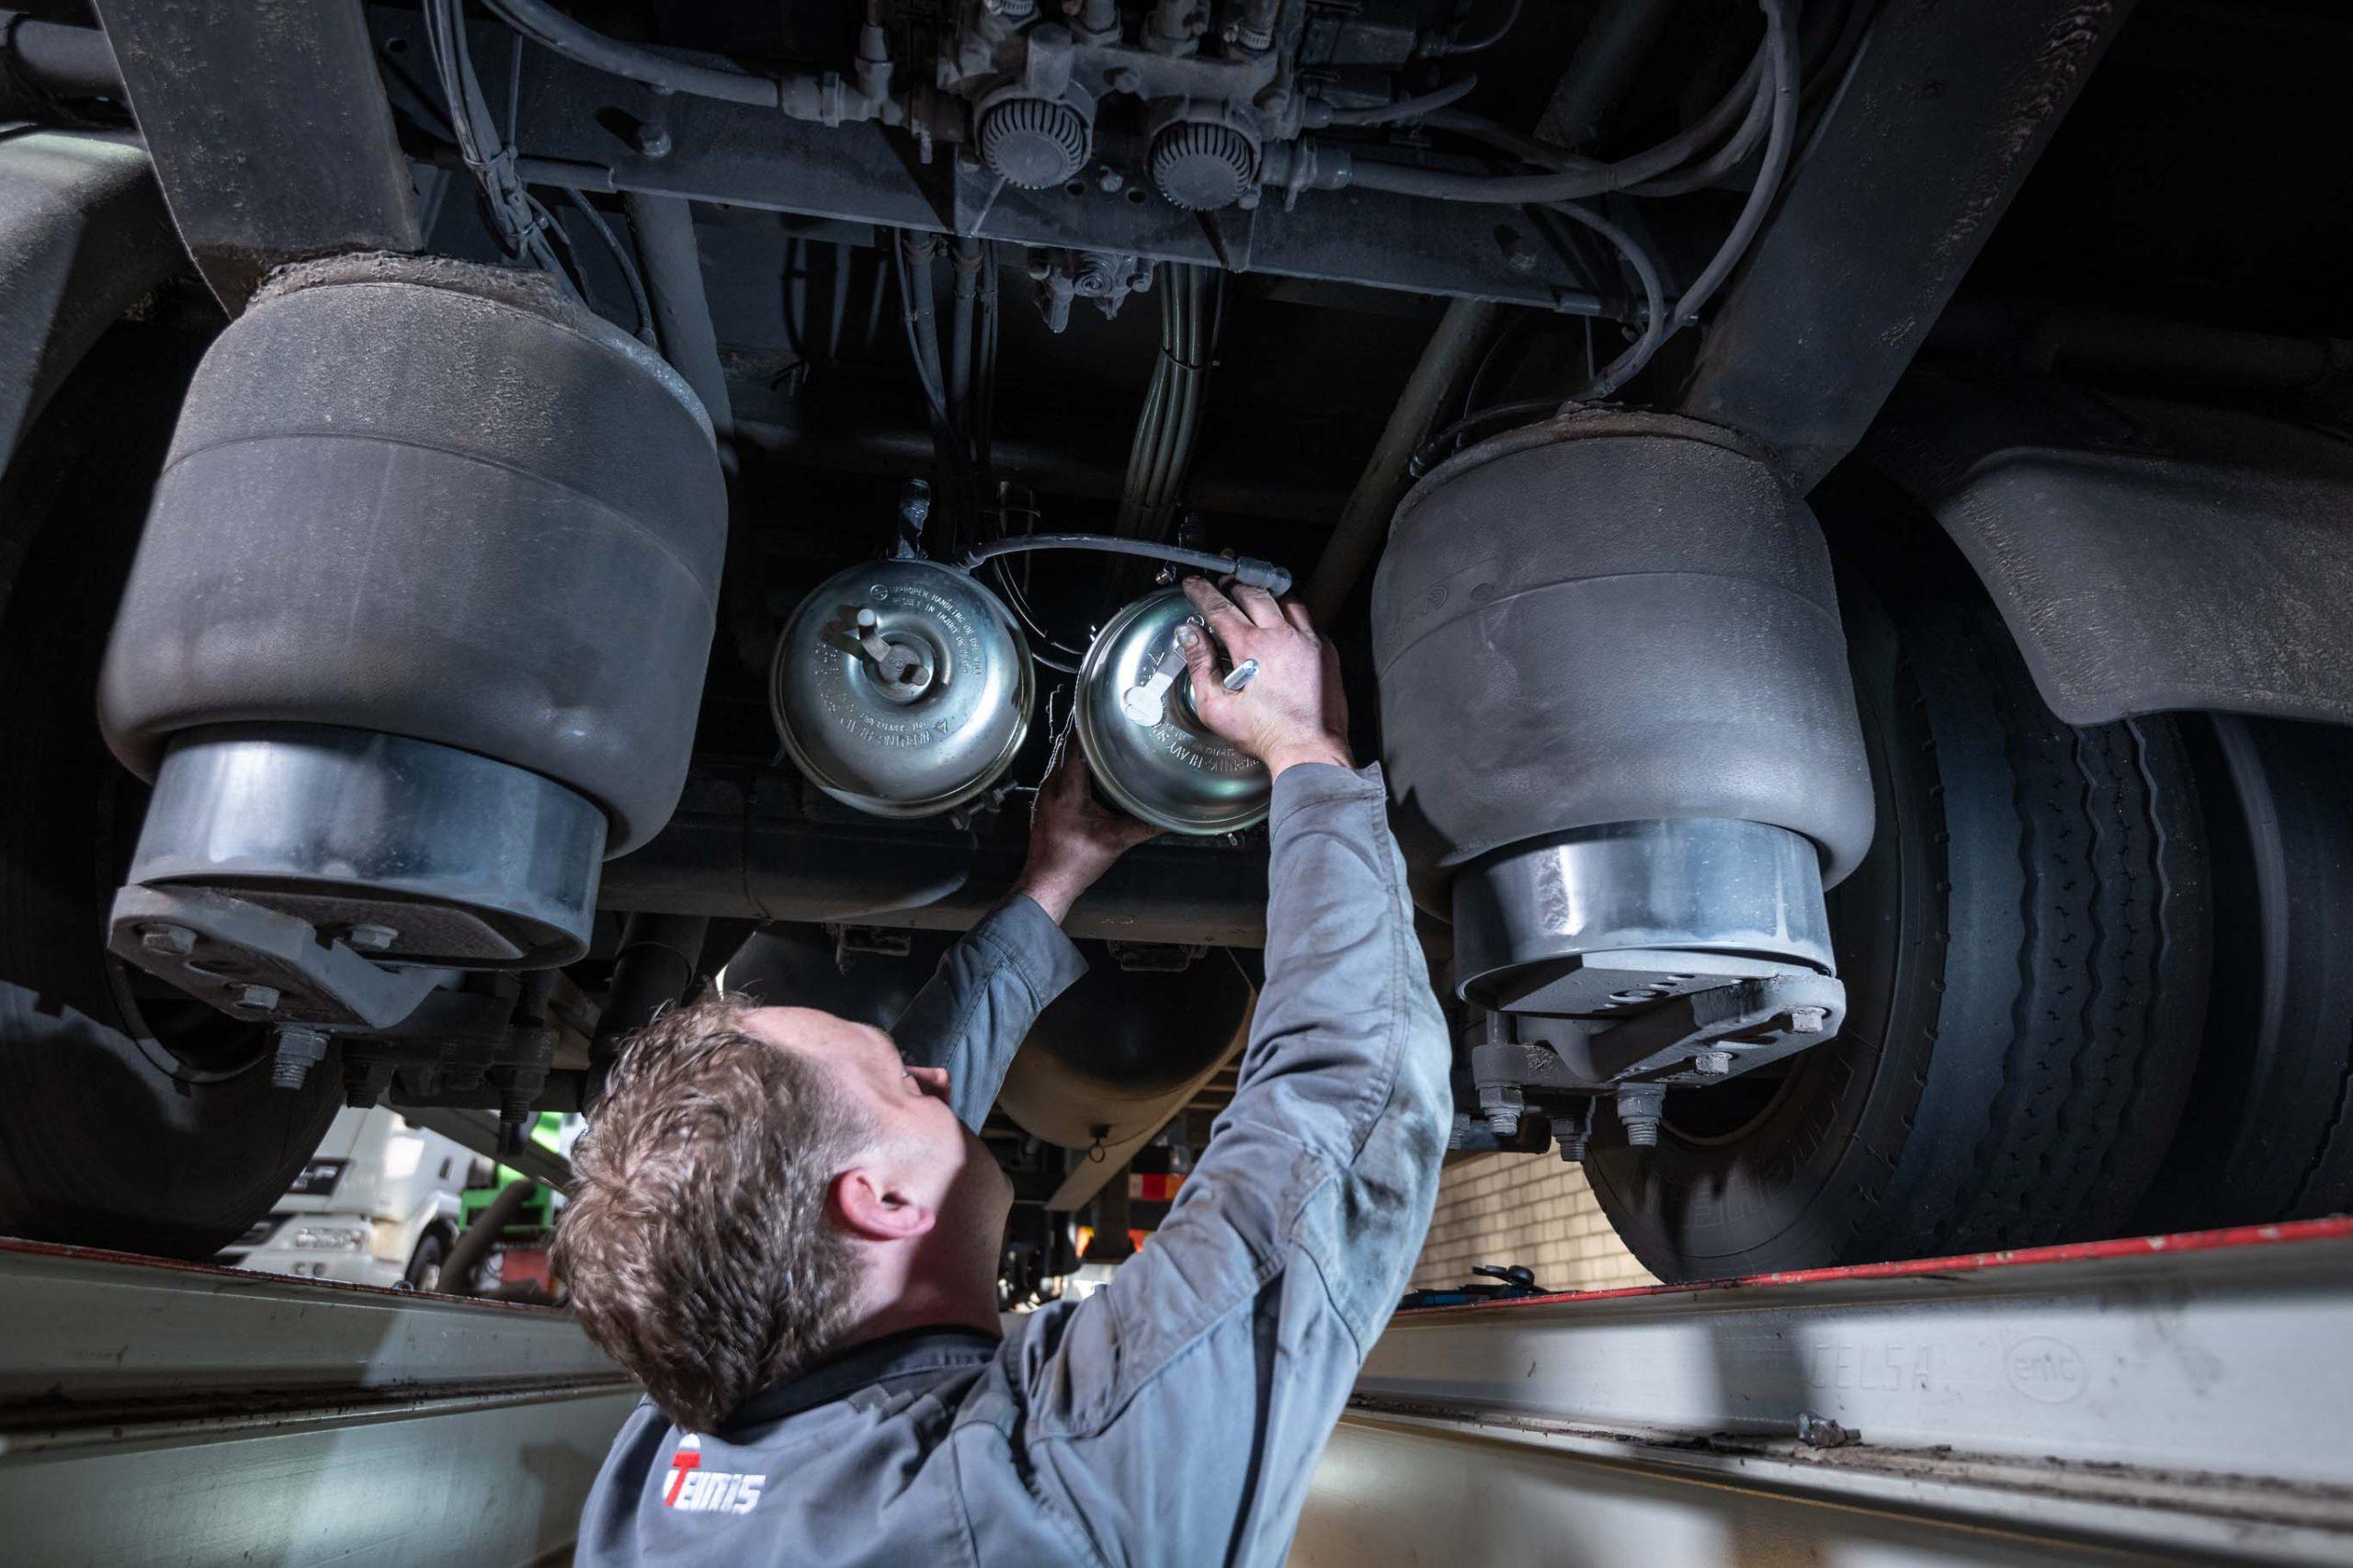 monteur vervangt onderdelen vrachtwagen